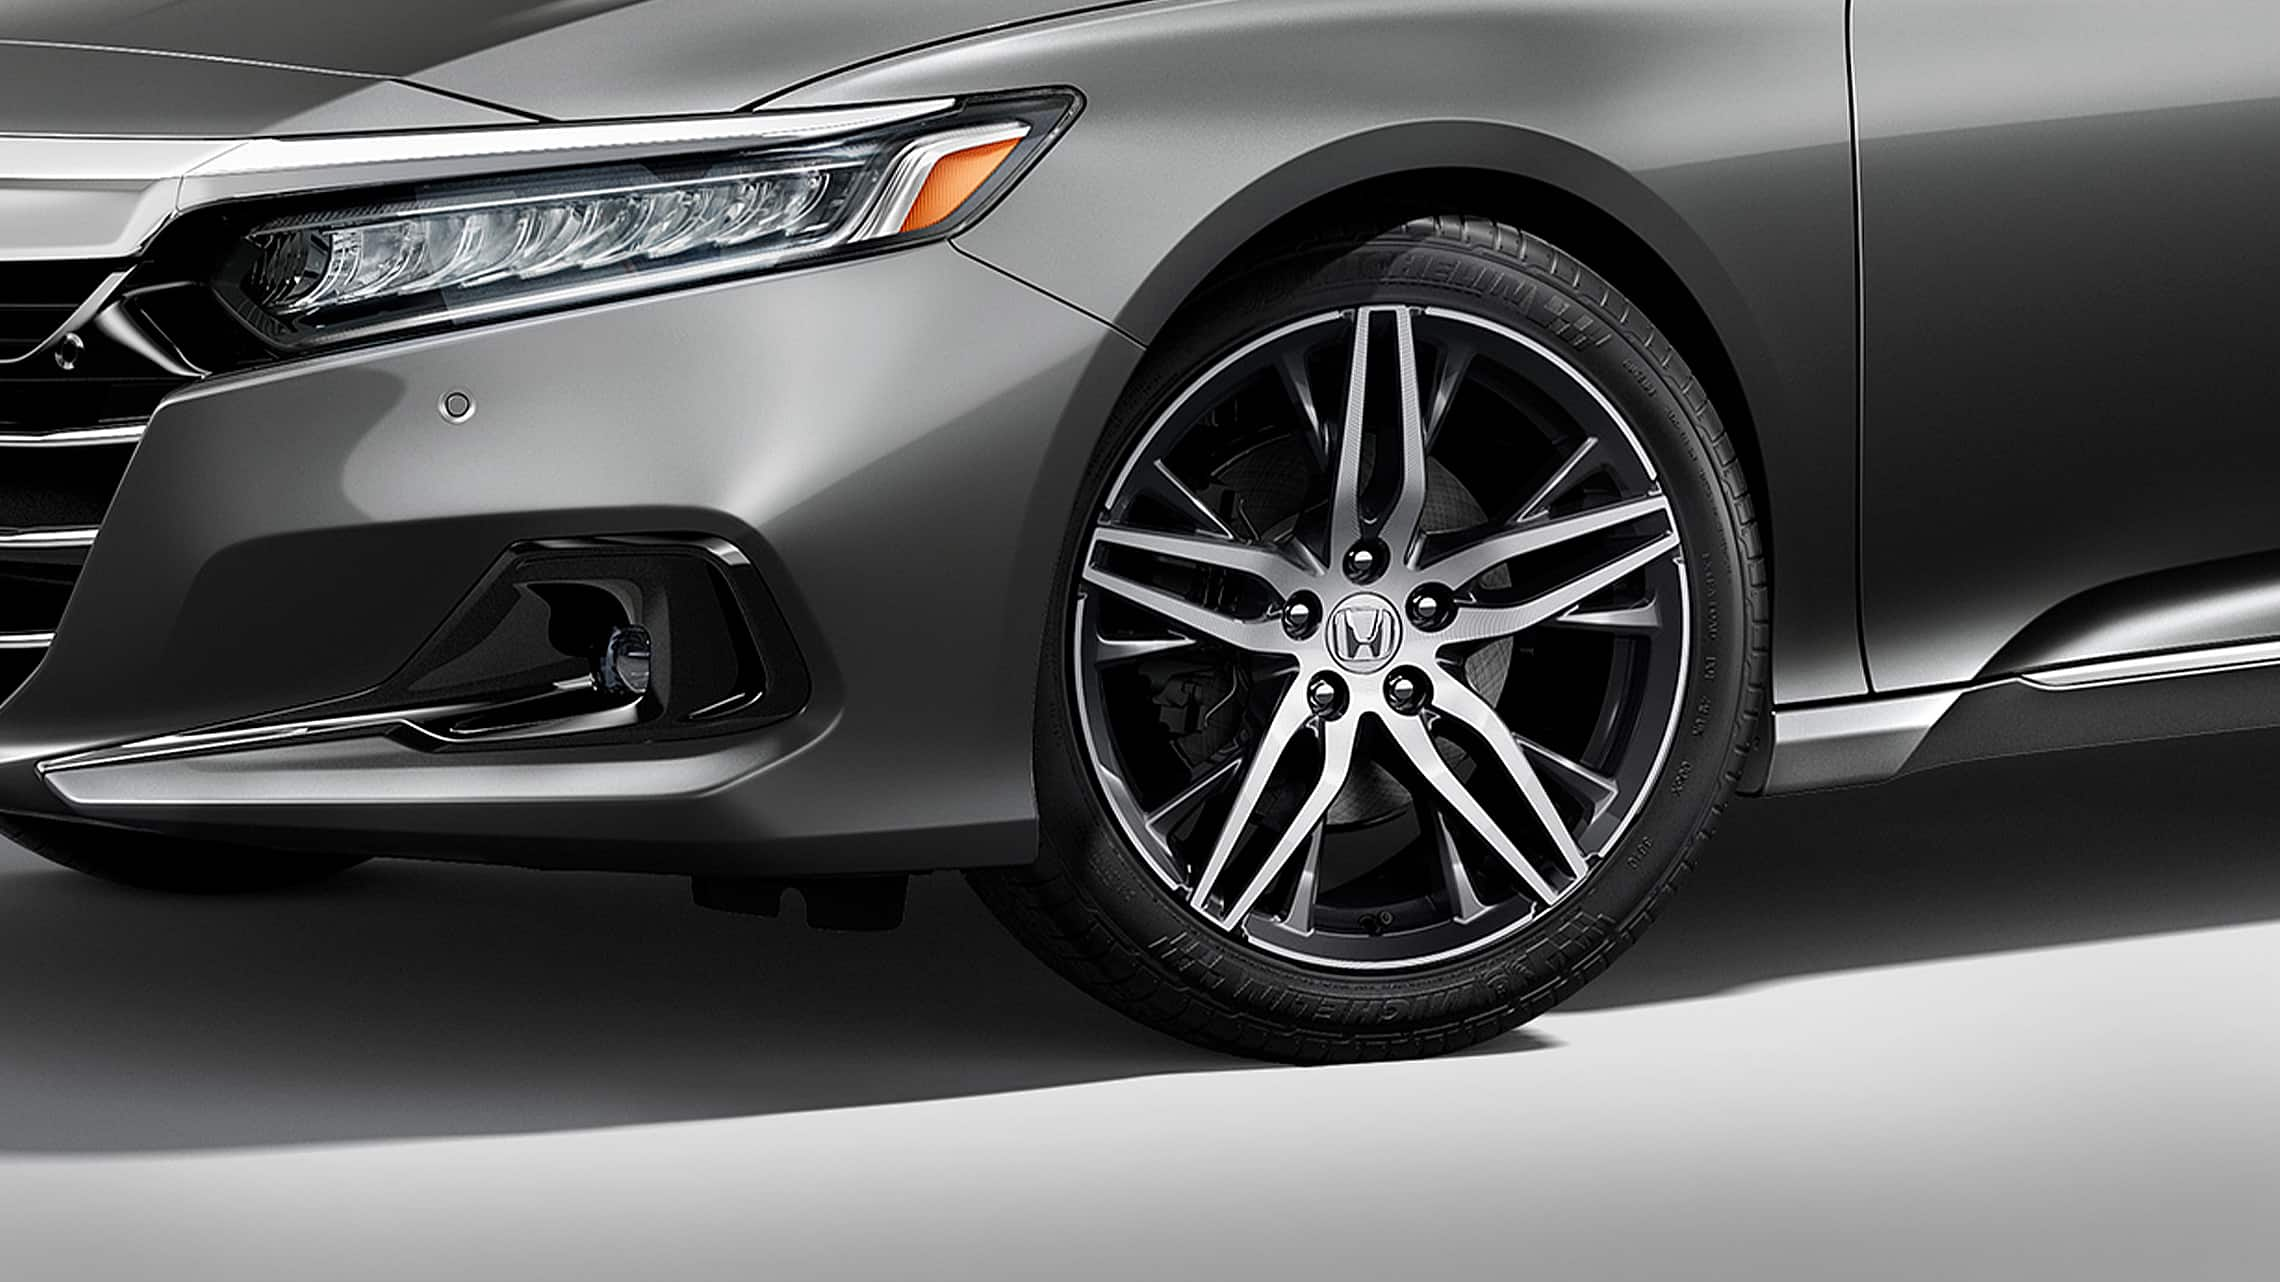 Detalle de la rueda de aleación de 19pulgadas en el Honda Accord Touring2.0T2021 en Modern Steel Metallic.